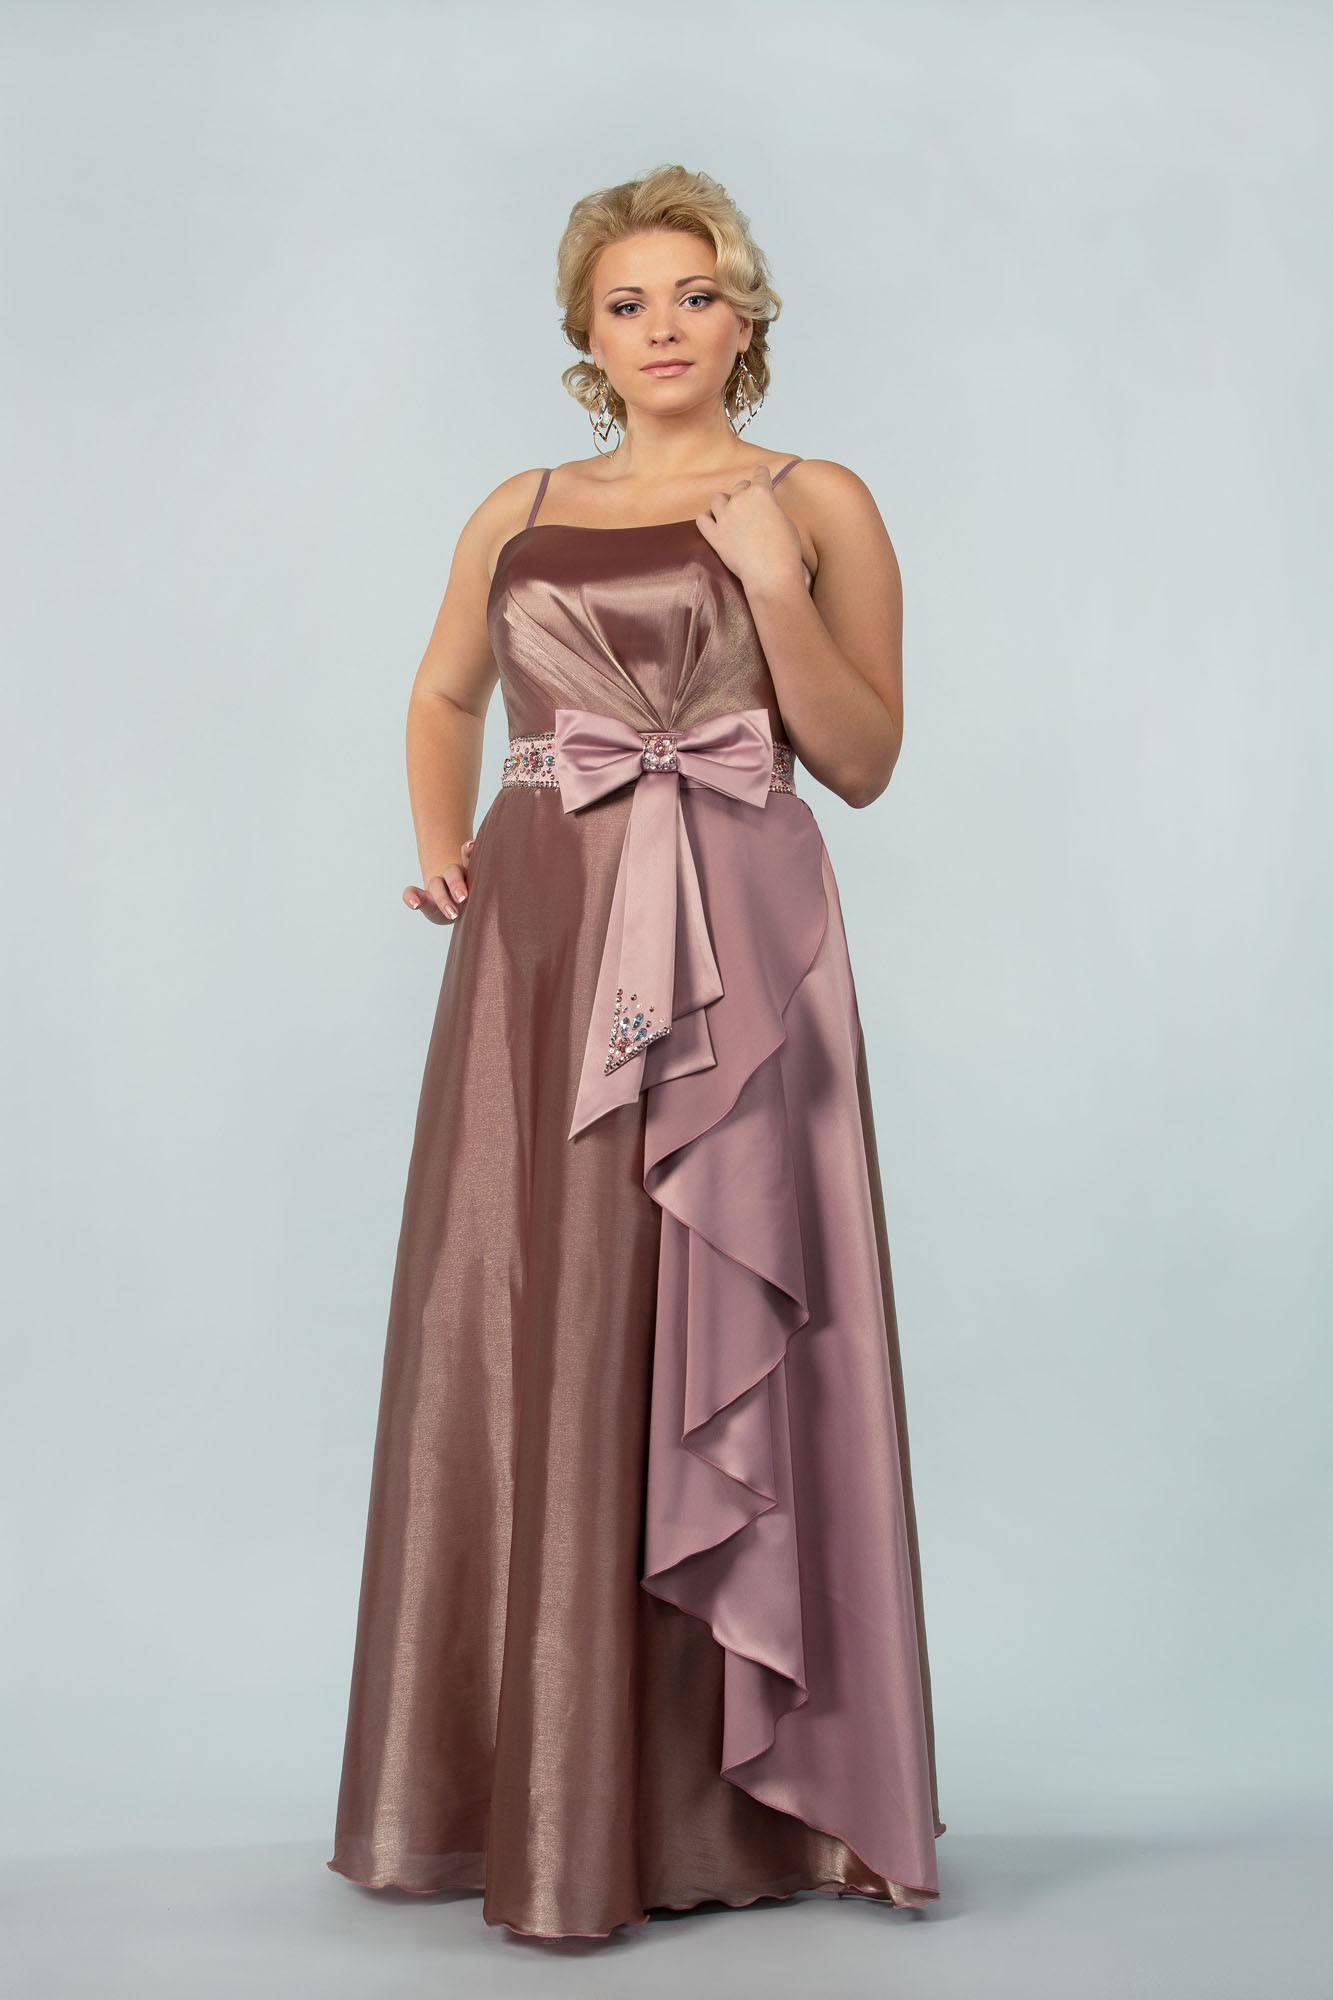 вечерние платья на полную фигуру фото козлика отличный